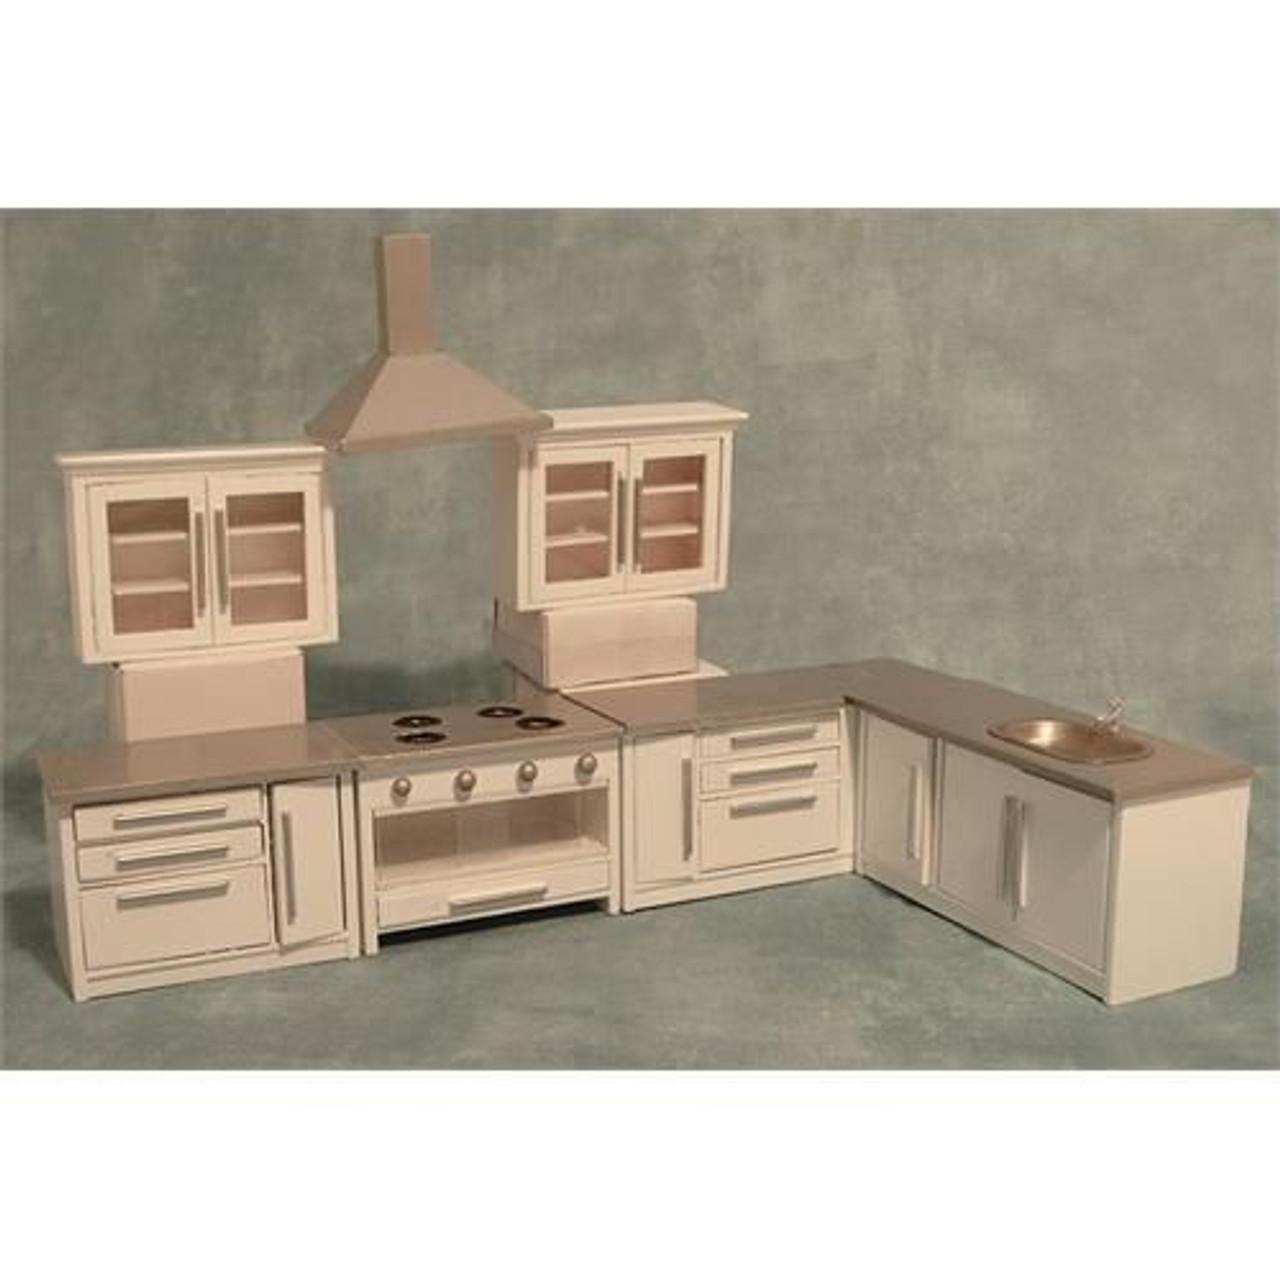 Modern White Kitchen Set DF977